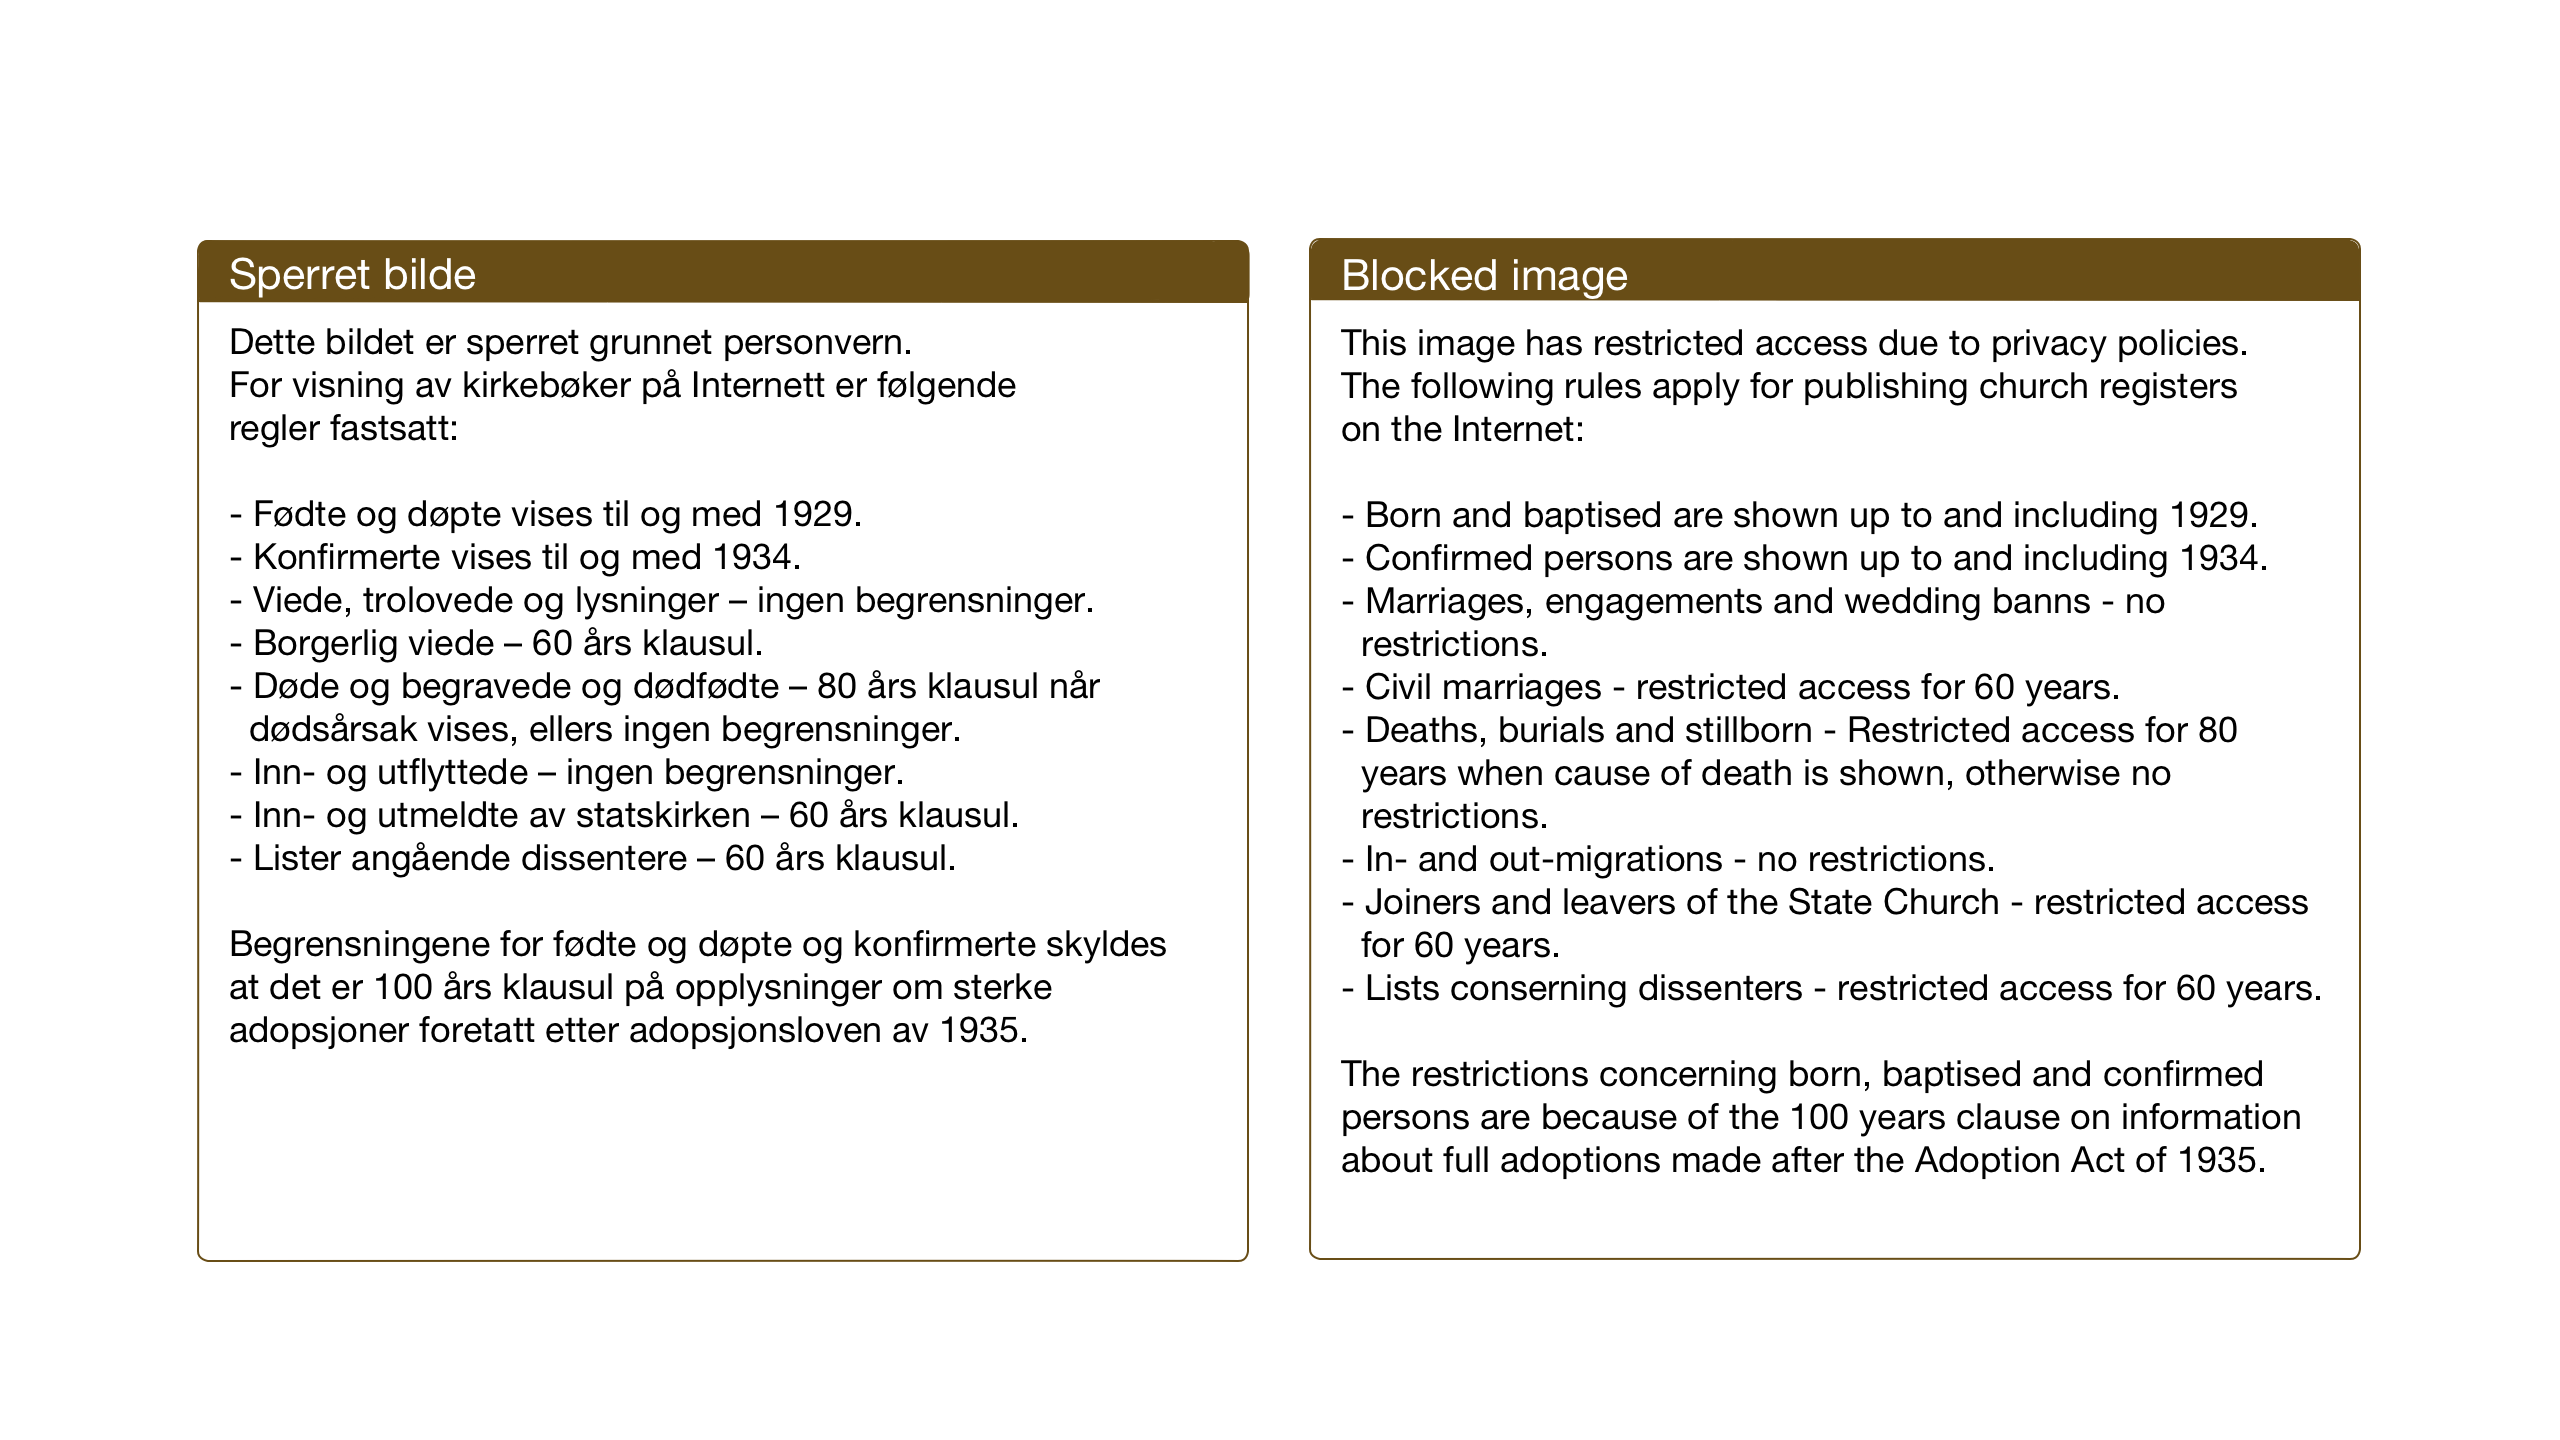 SAT, Ministerialprotokoller, klokkerbøker og fødselsregistre - Nord-Trøndelag, 774/L0631: Klokkerbok nr. 774C02, 1934-1950, s. 29